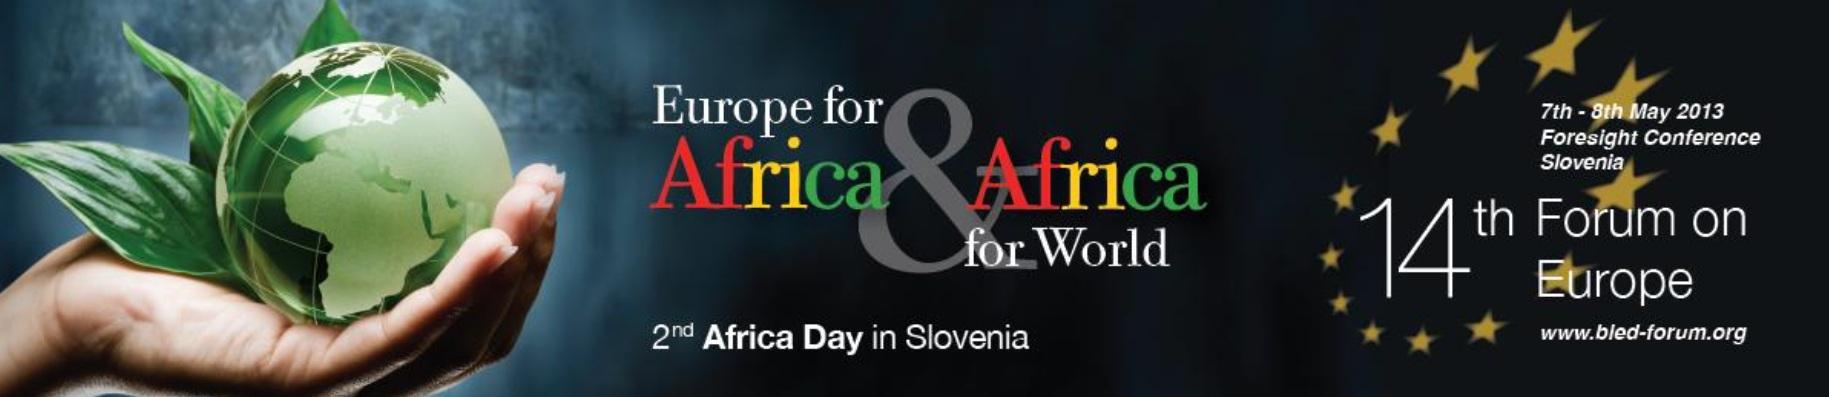 logobledforum2013africa